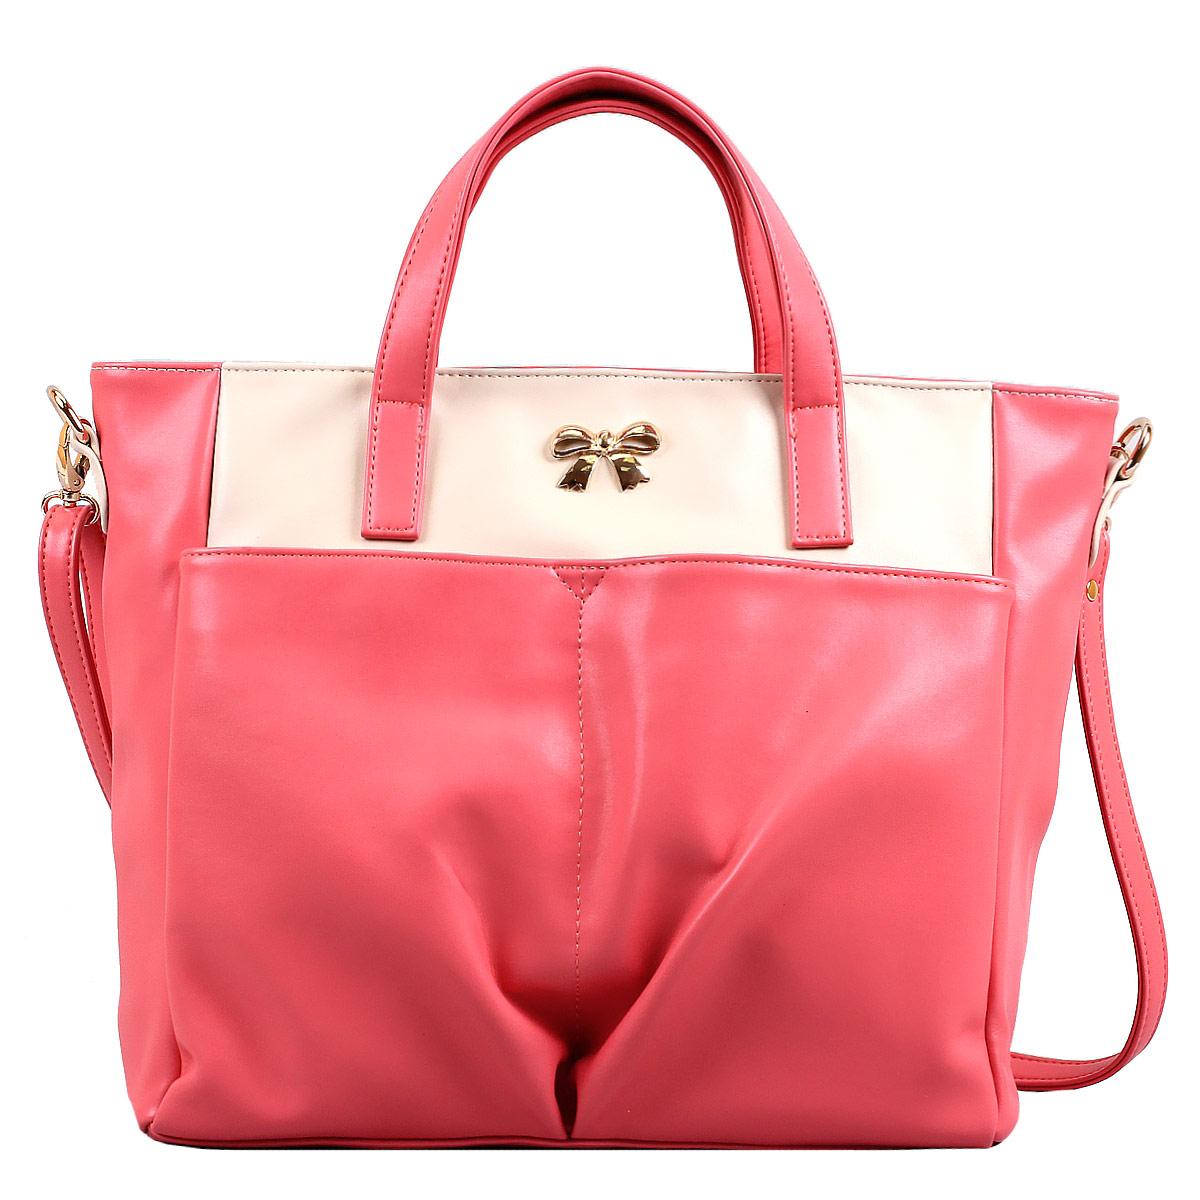 Сумка женская Leighton, цвет: розовый, молочный. 10642-082S76245Женская сумка Leighton выполнена из высококачественной искусственной кожи, украшена декоративным бантиком. Изысканный декор, стильная фурнитура, классическая форма в сочетании с вместительностью и удобством делают эту модель прекрасным дополнением к вашему образу. Модель закрывается на застежку-молнию. Внутри - большое отделение, разделенное средником на застежке-молнии, также есть два накладных кармашка для мелочей, телефона и врезной карман на застежке-молнии. Лицевую сторону украшают два накладных кармана на магнитных кнопках. Задняя сторона дополнена плоским врезным карманом на застежке-молнии. Сумка оснащена двумя удобными ручками и регулируемым плечевым ремнем.Прекрасное дополнение к отличному настроению.